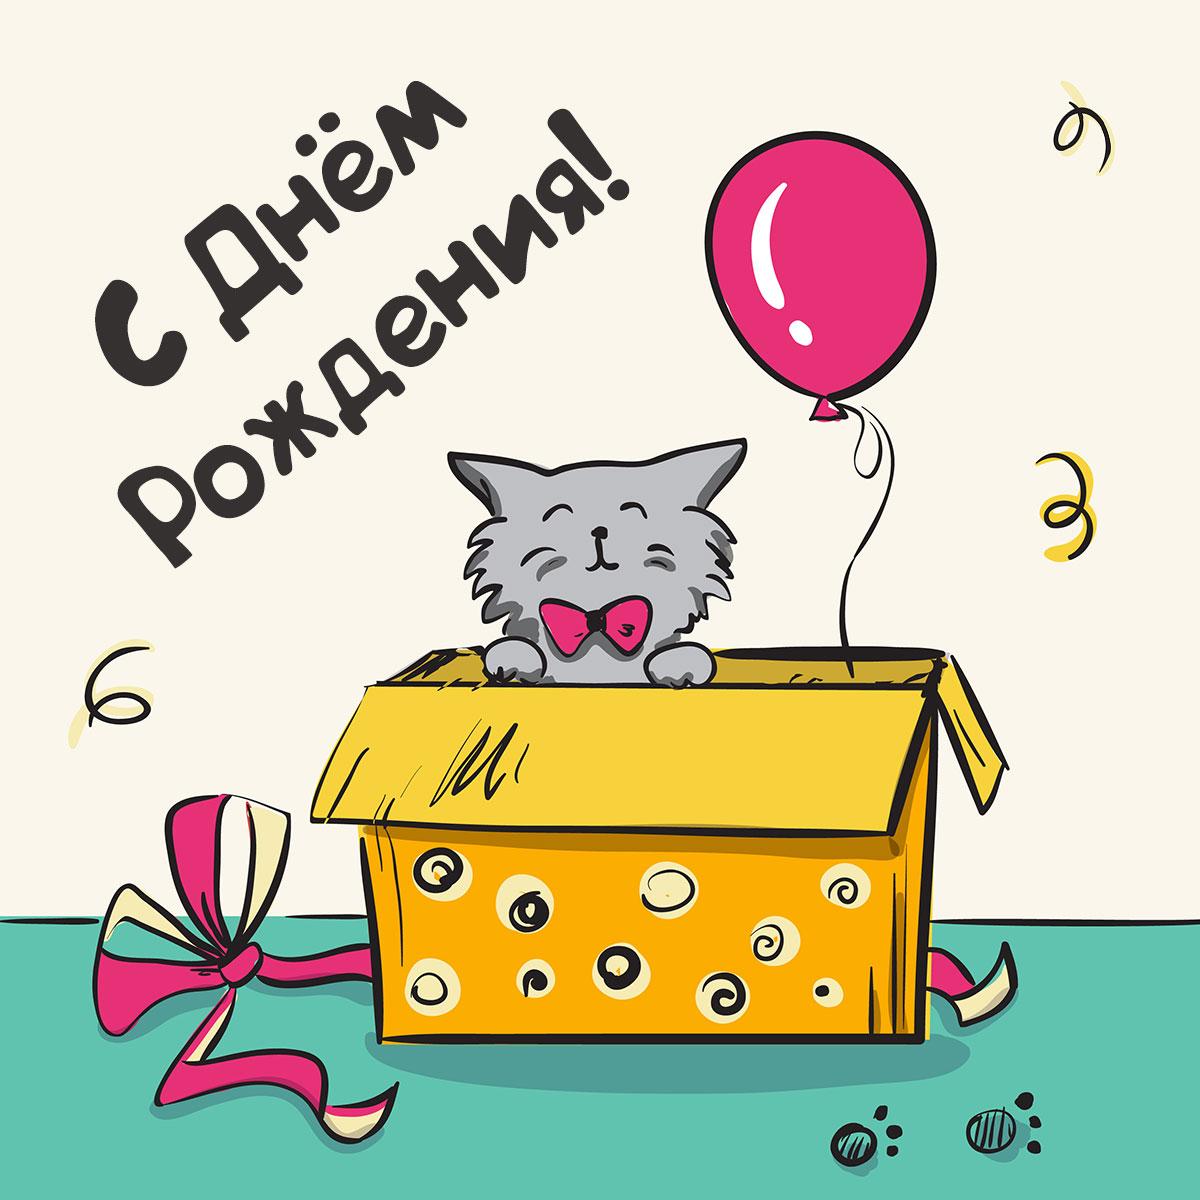 Картинка с кошкой в жёлтой коробке и красным воздушным шаром.